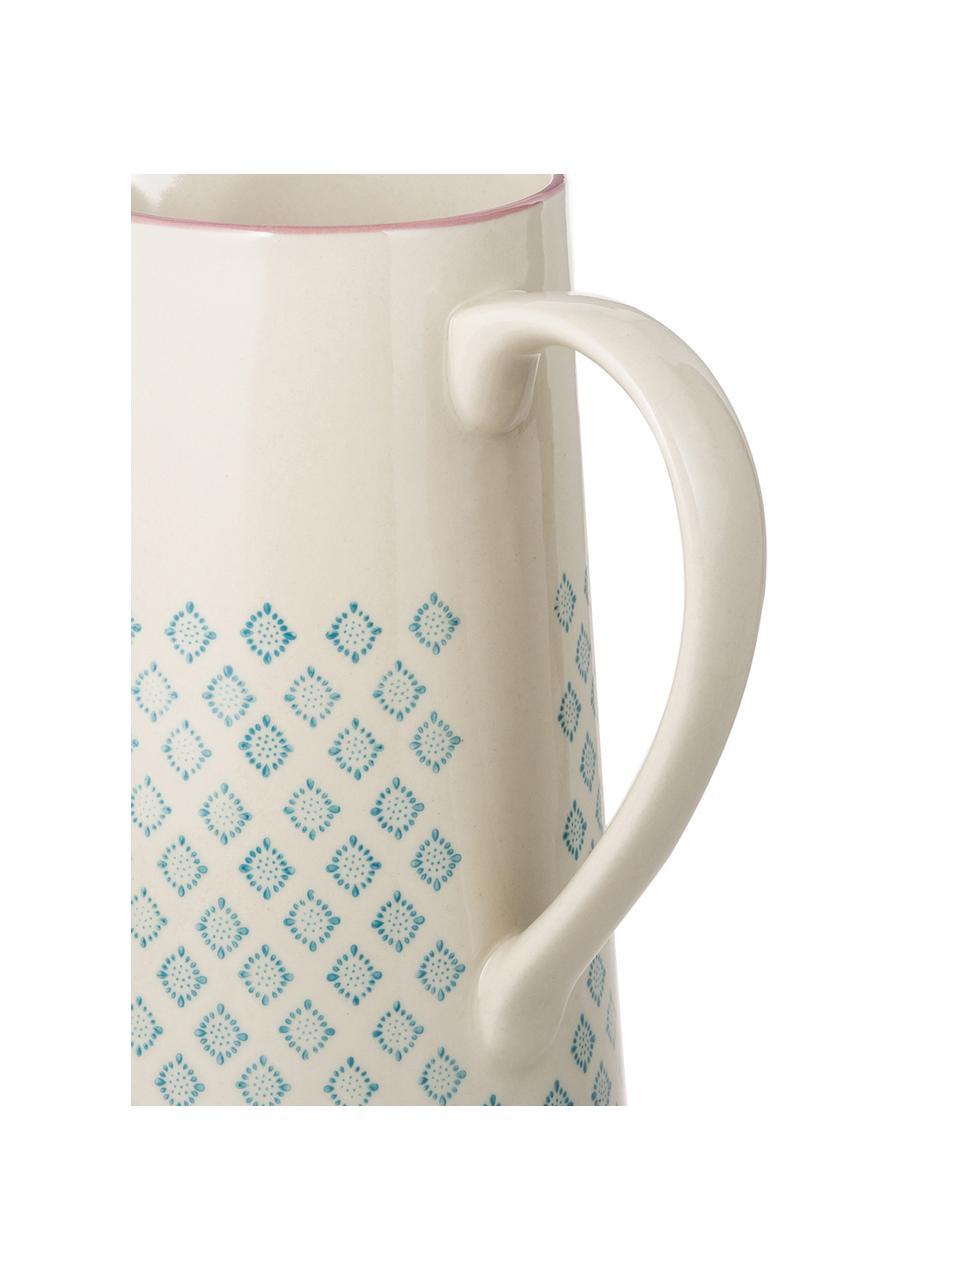 Caraffa dipinta a mano con motivo Patrizia, 2 L, Gres, Blu, crema, viola, 2 L